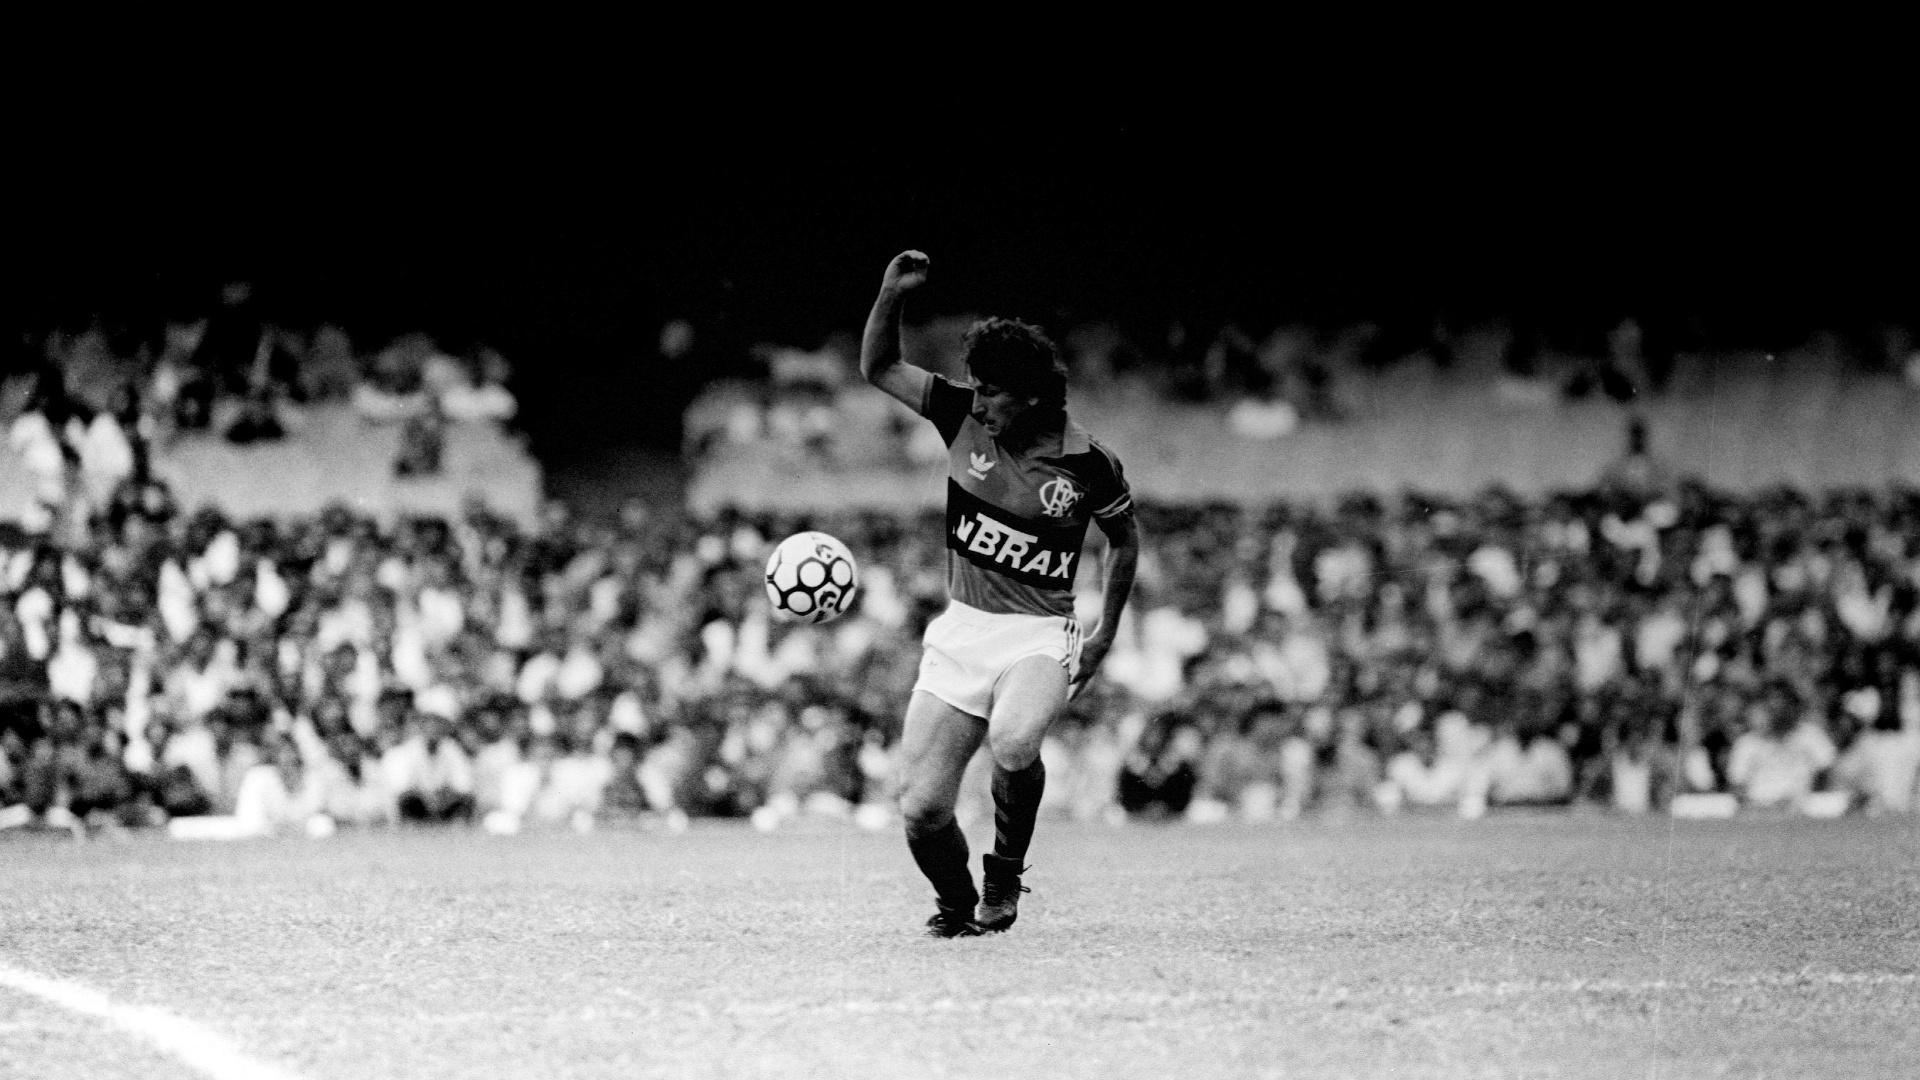 O atacante Zico domina a bola durante a partida do Flamengo contra o Santos FC. (Rio de Janeiro, RJ, 15.10.1988. Foto de Homero Sérgio/Folhapress)